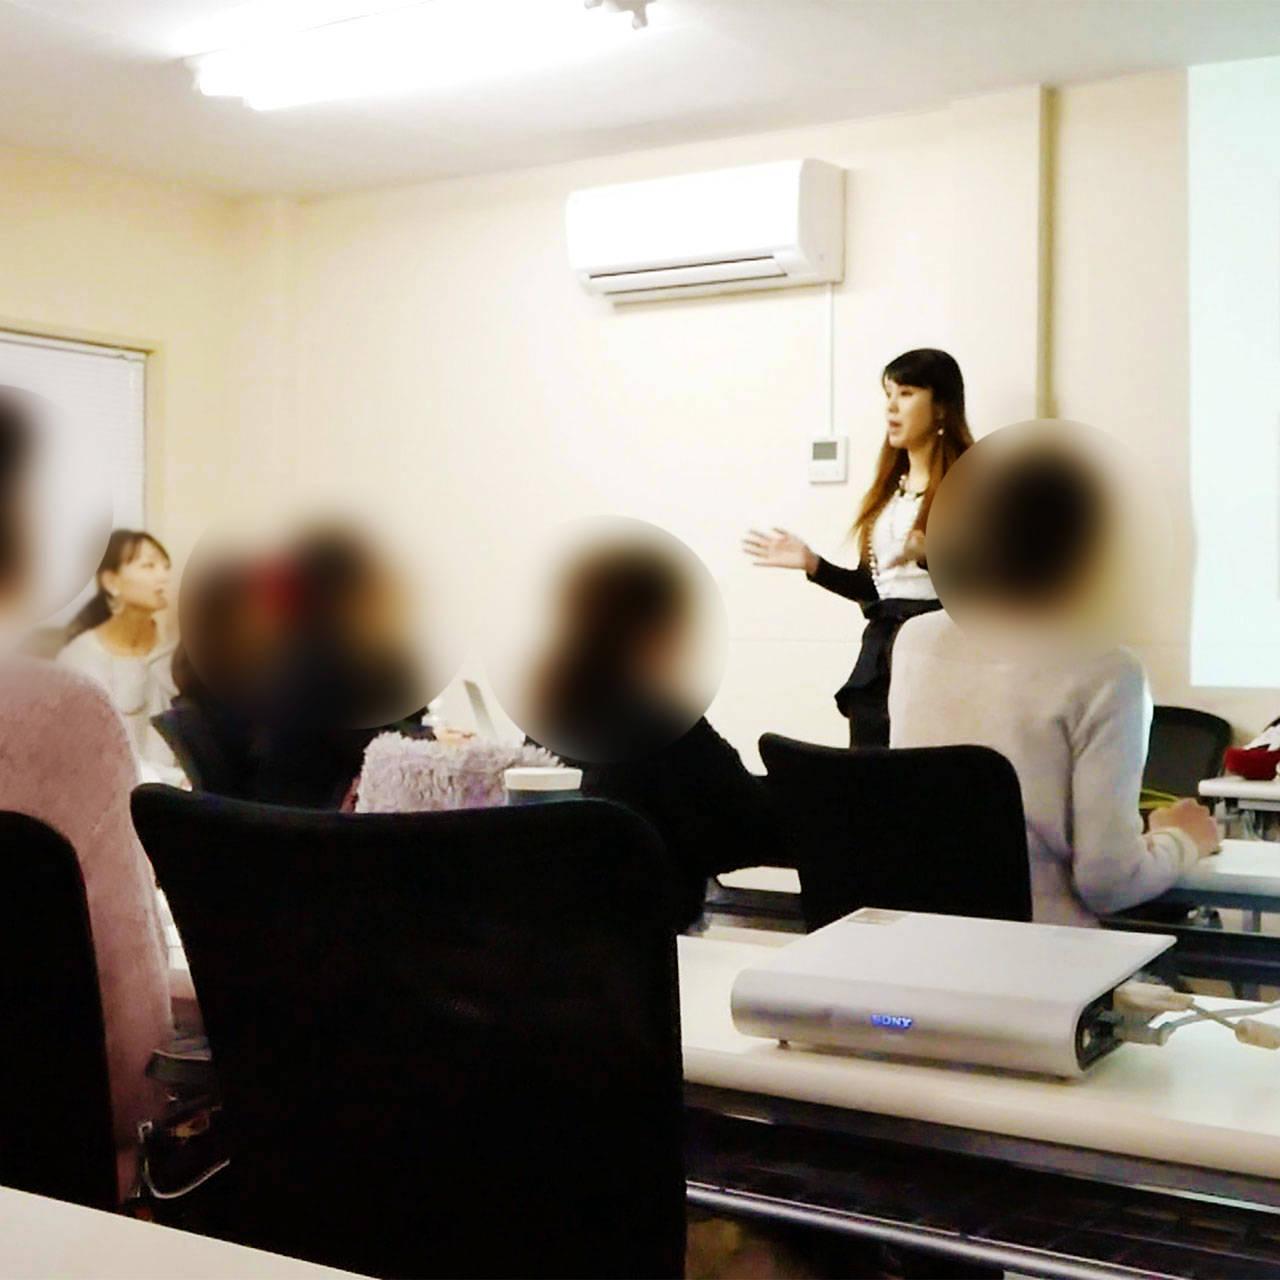 【+genic主催】第一回SNS活用&収益化セミナーが開催されました!(12/19)